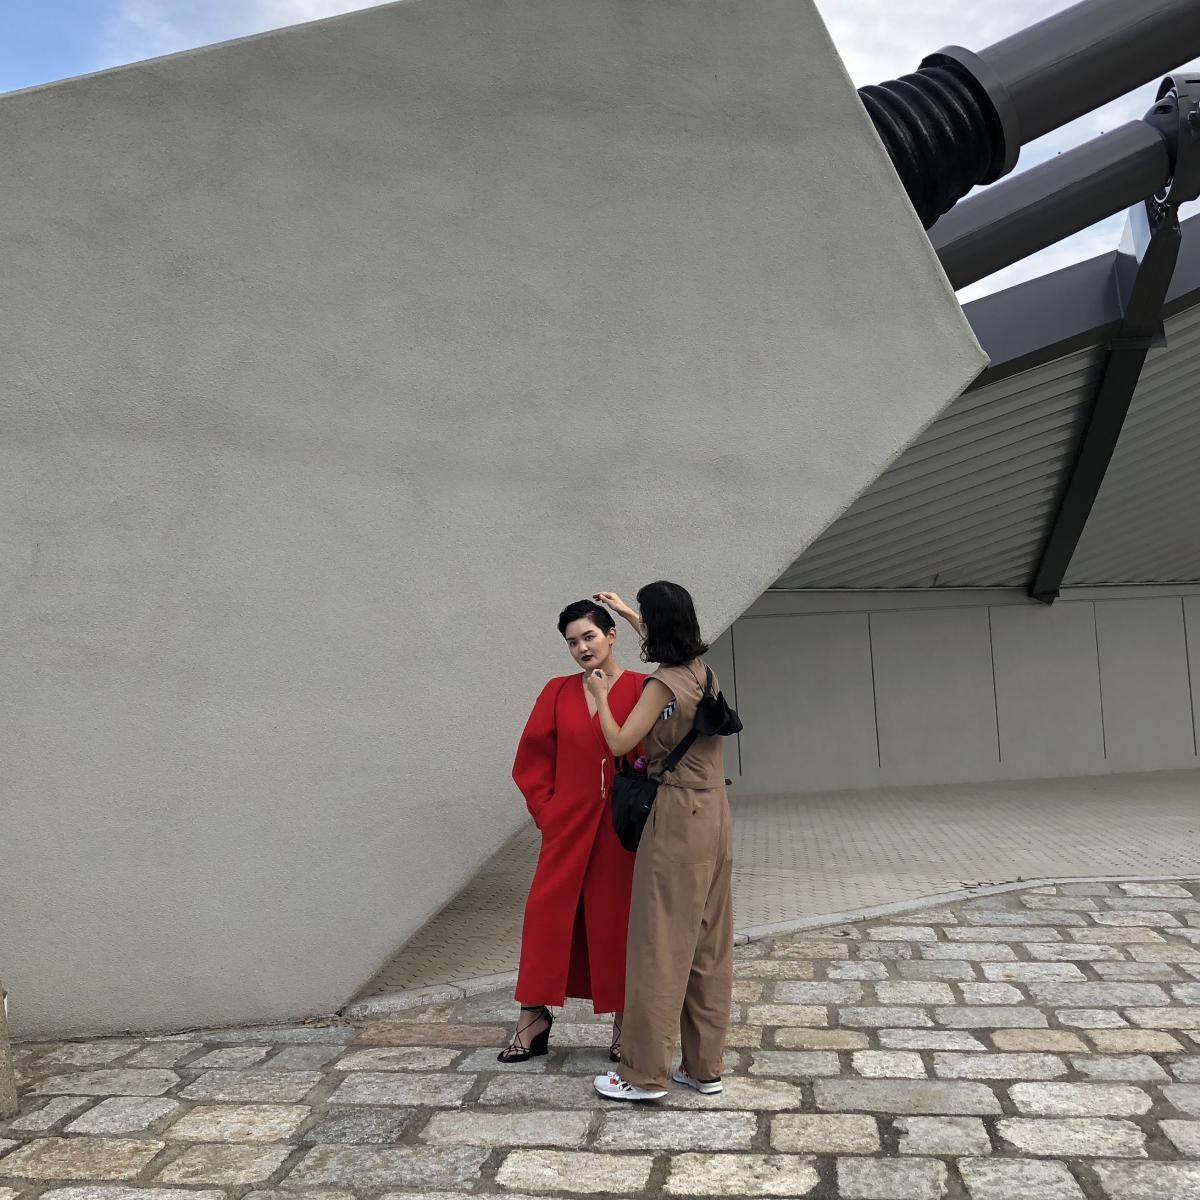 こちらは、扉ページにもご登場いただいたみたらし加奈さんとの撮影風景。「勇気が欲しいときに着る」という強い赤を着て